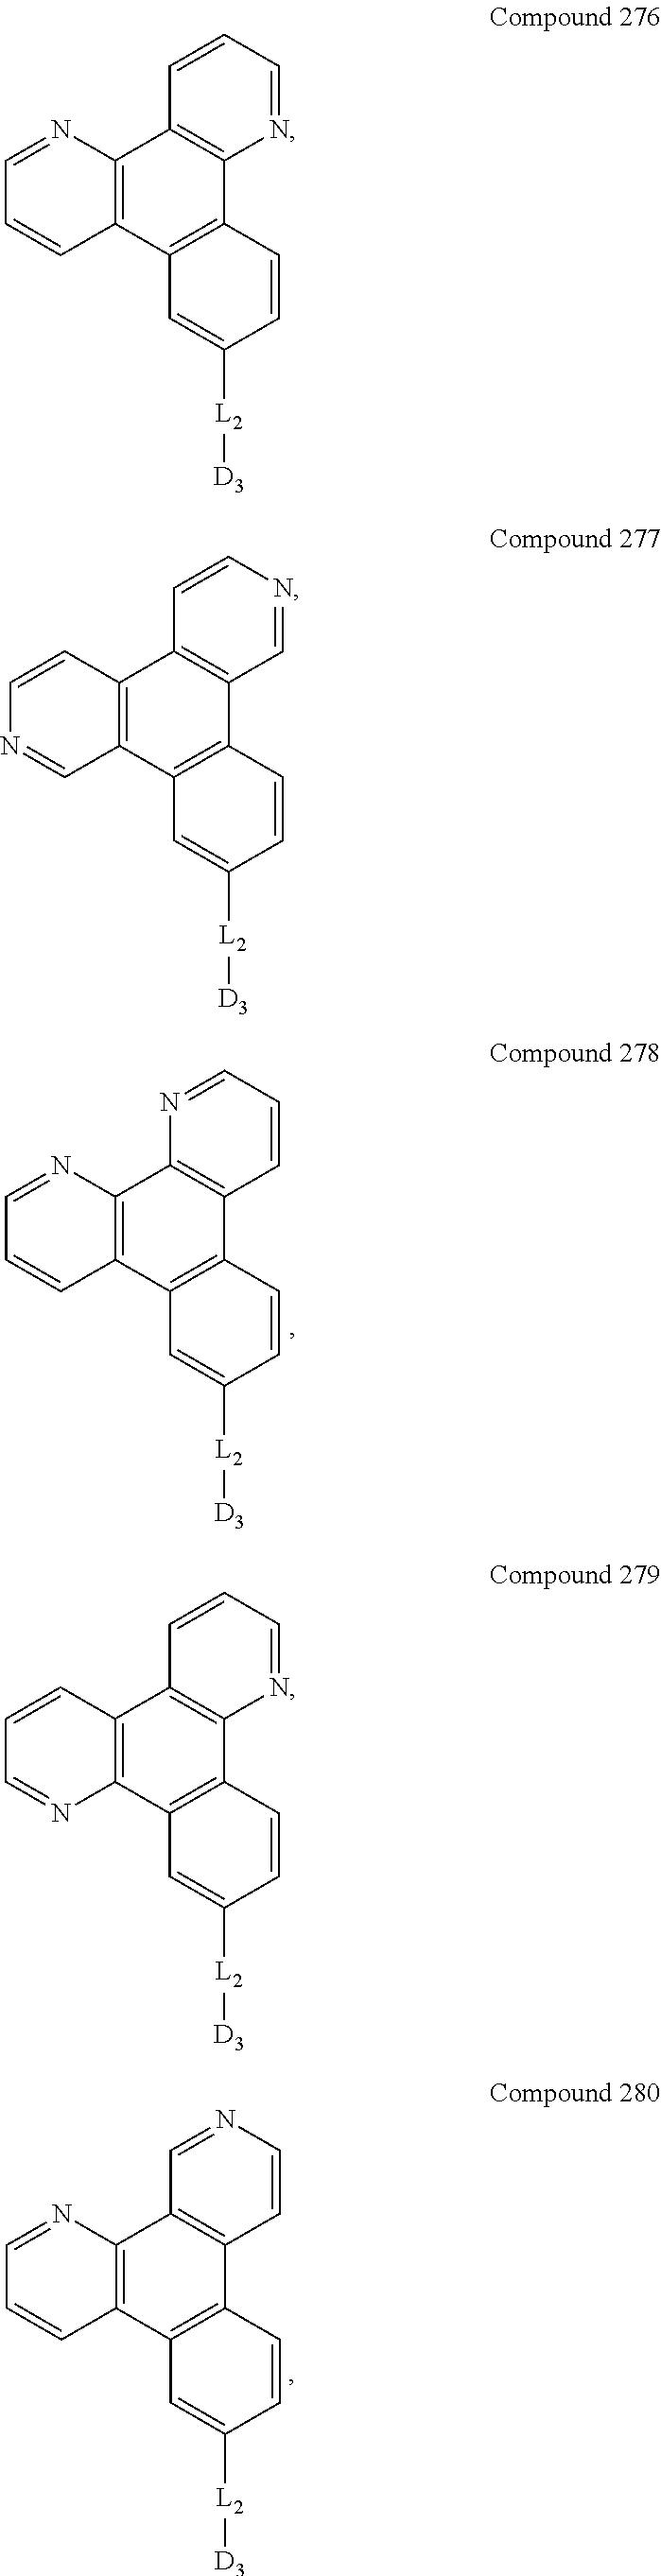 Figure US09537106-20170103-C00211